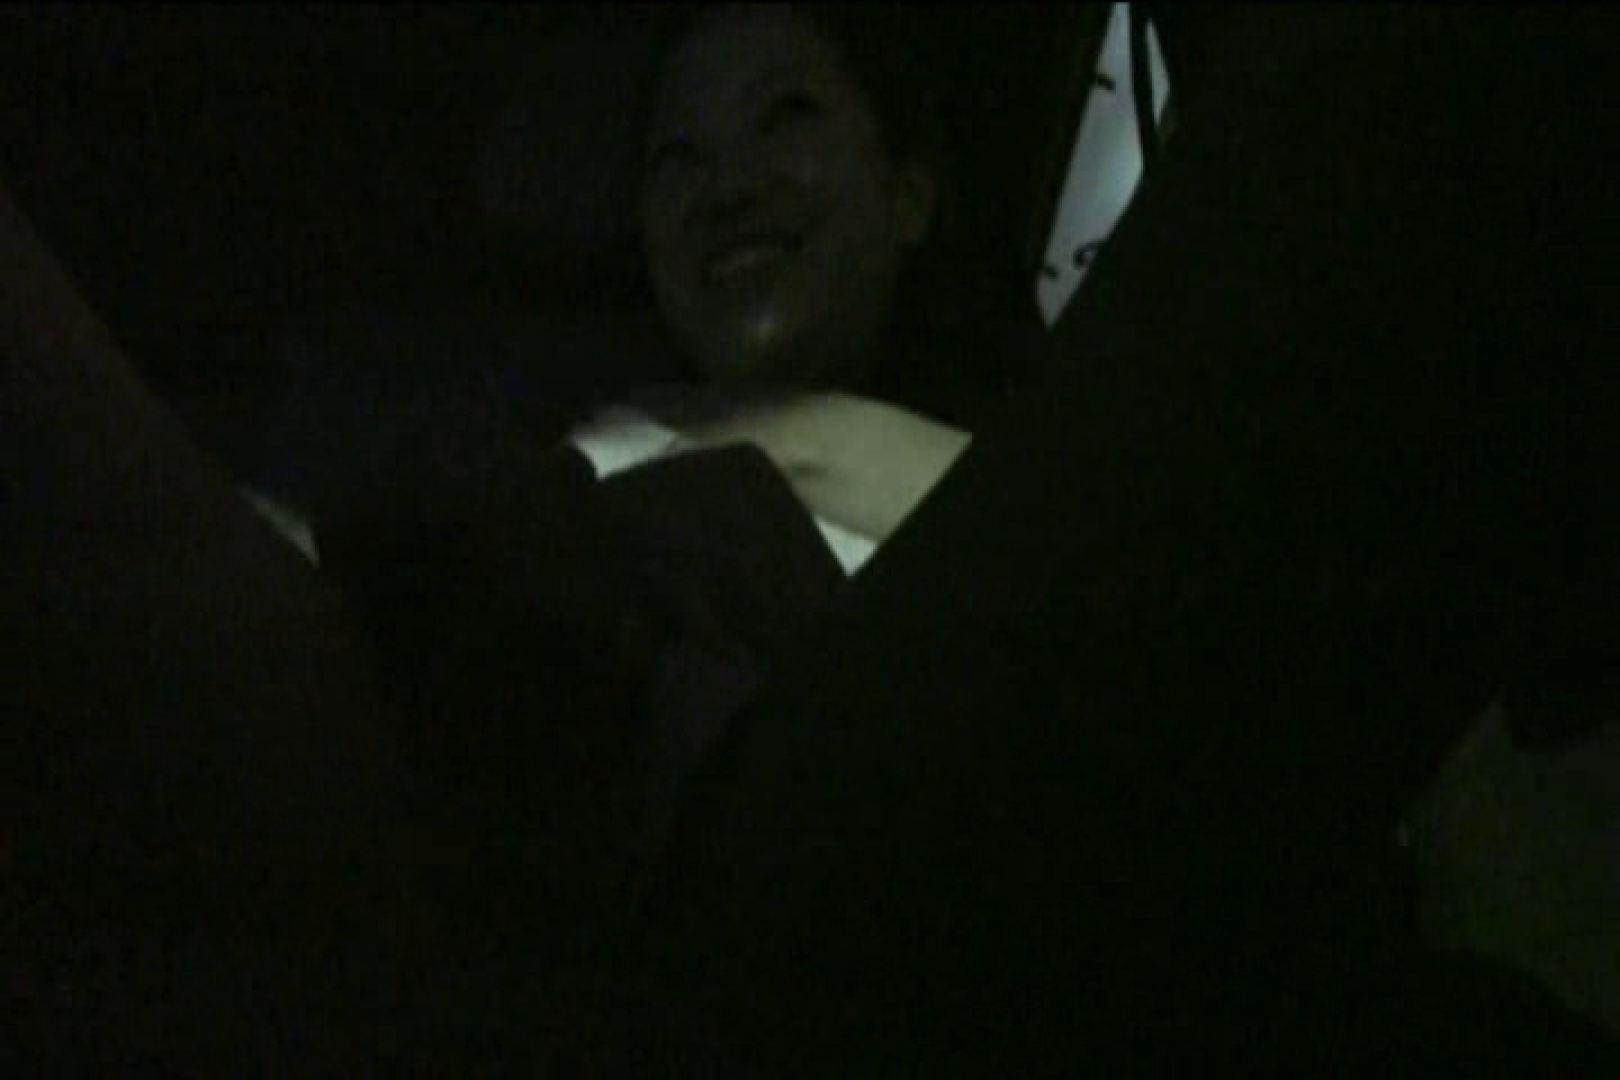 車内で初めまして! vol01 OLのプライベート ワレメ無修正動画無料 13pic 2